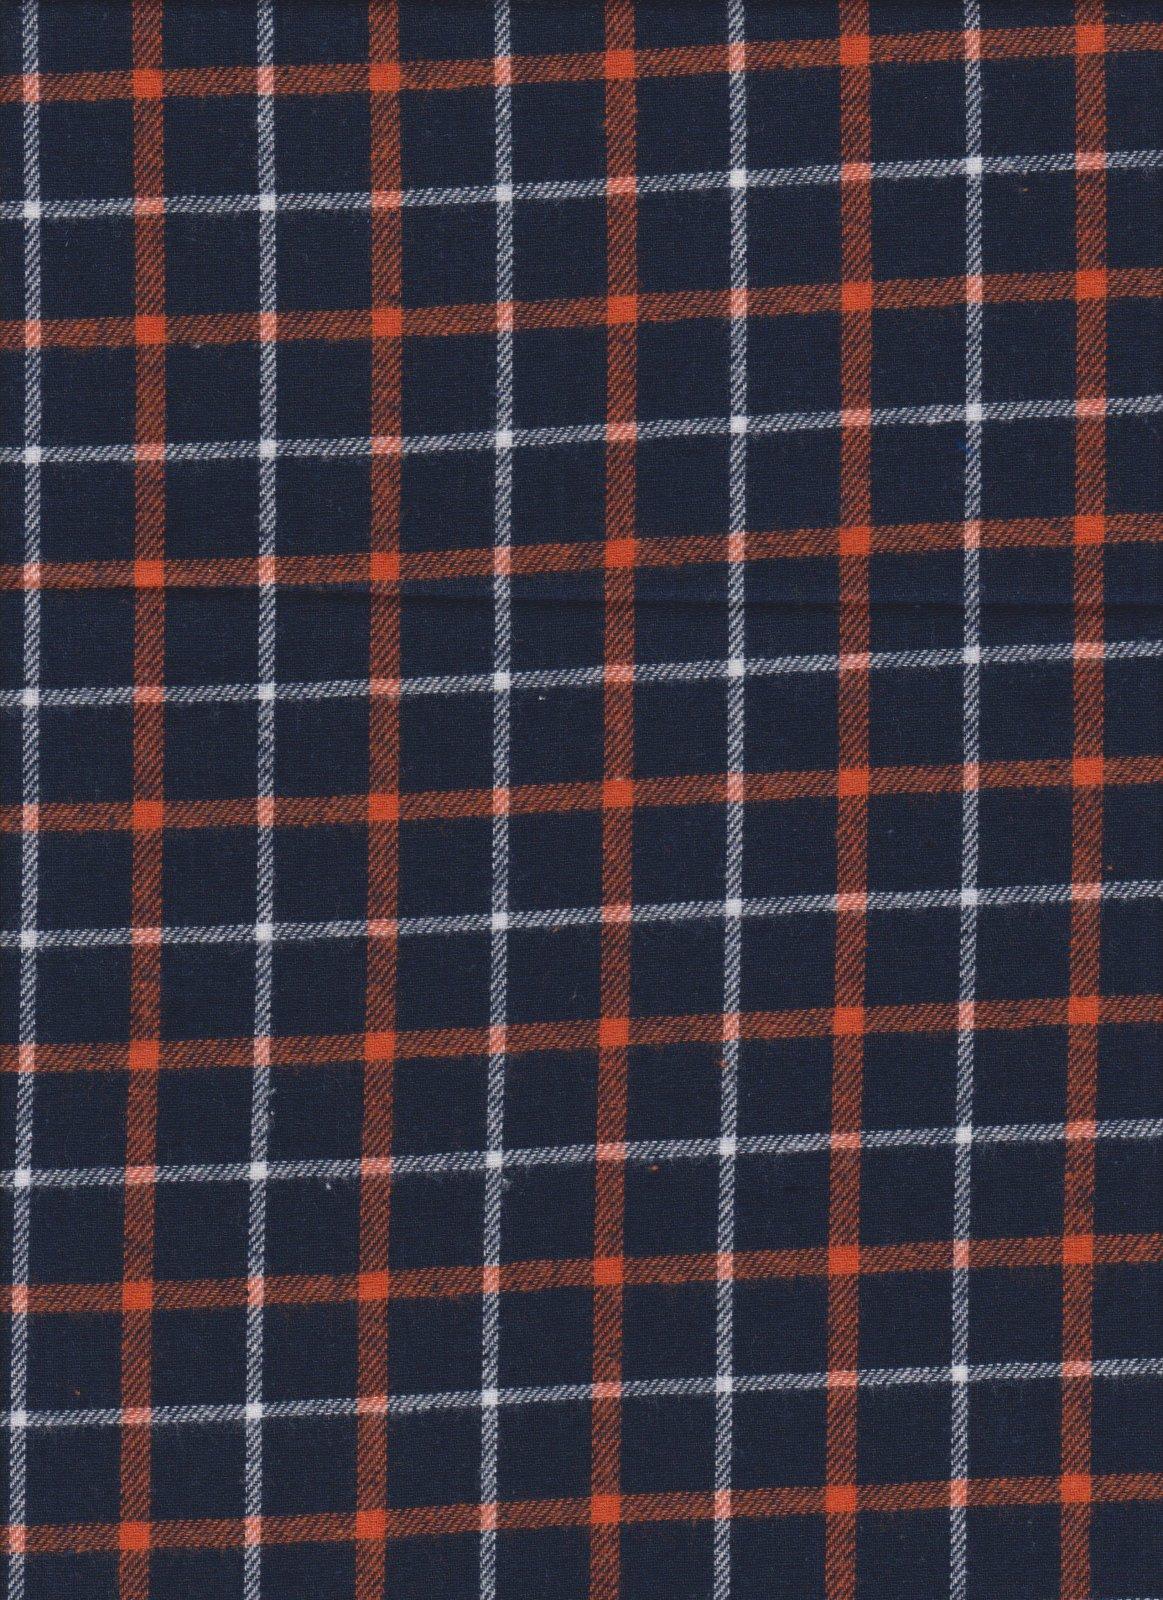 PROMO* Yarn Dyed Flannel Plaid - 6956 Virginian